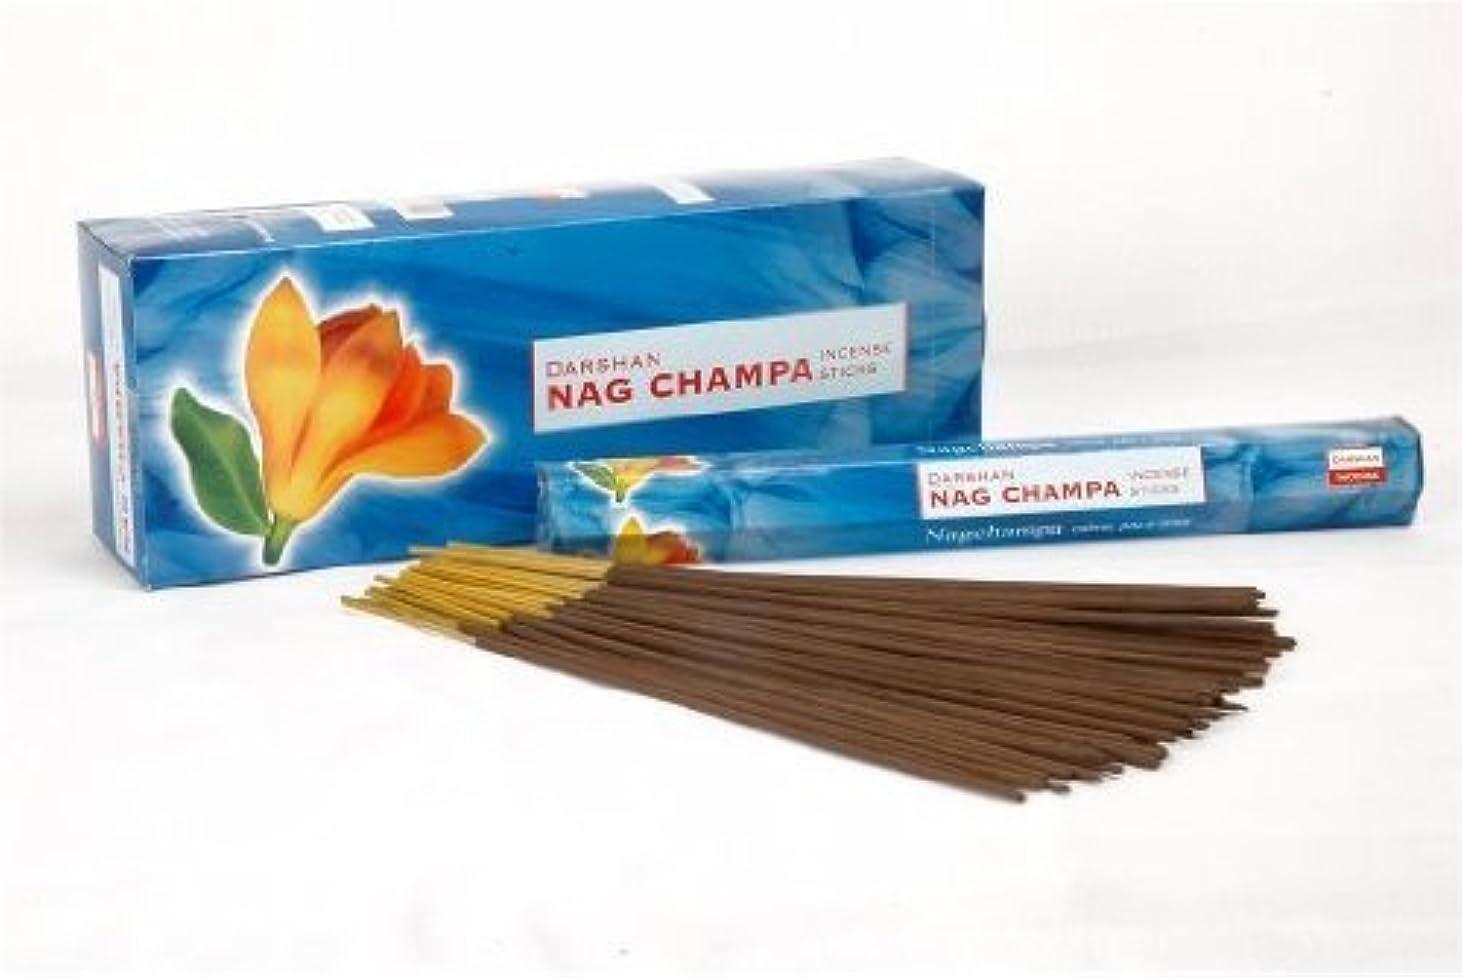 バーガー担当者コンピューターNag Champa – 120 Sticksボックス – Darshan Incense